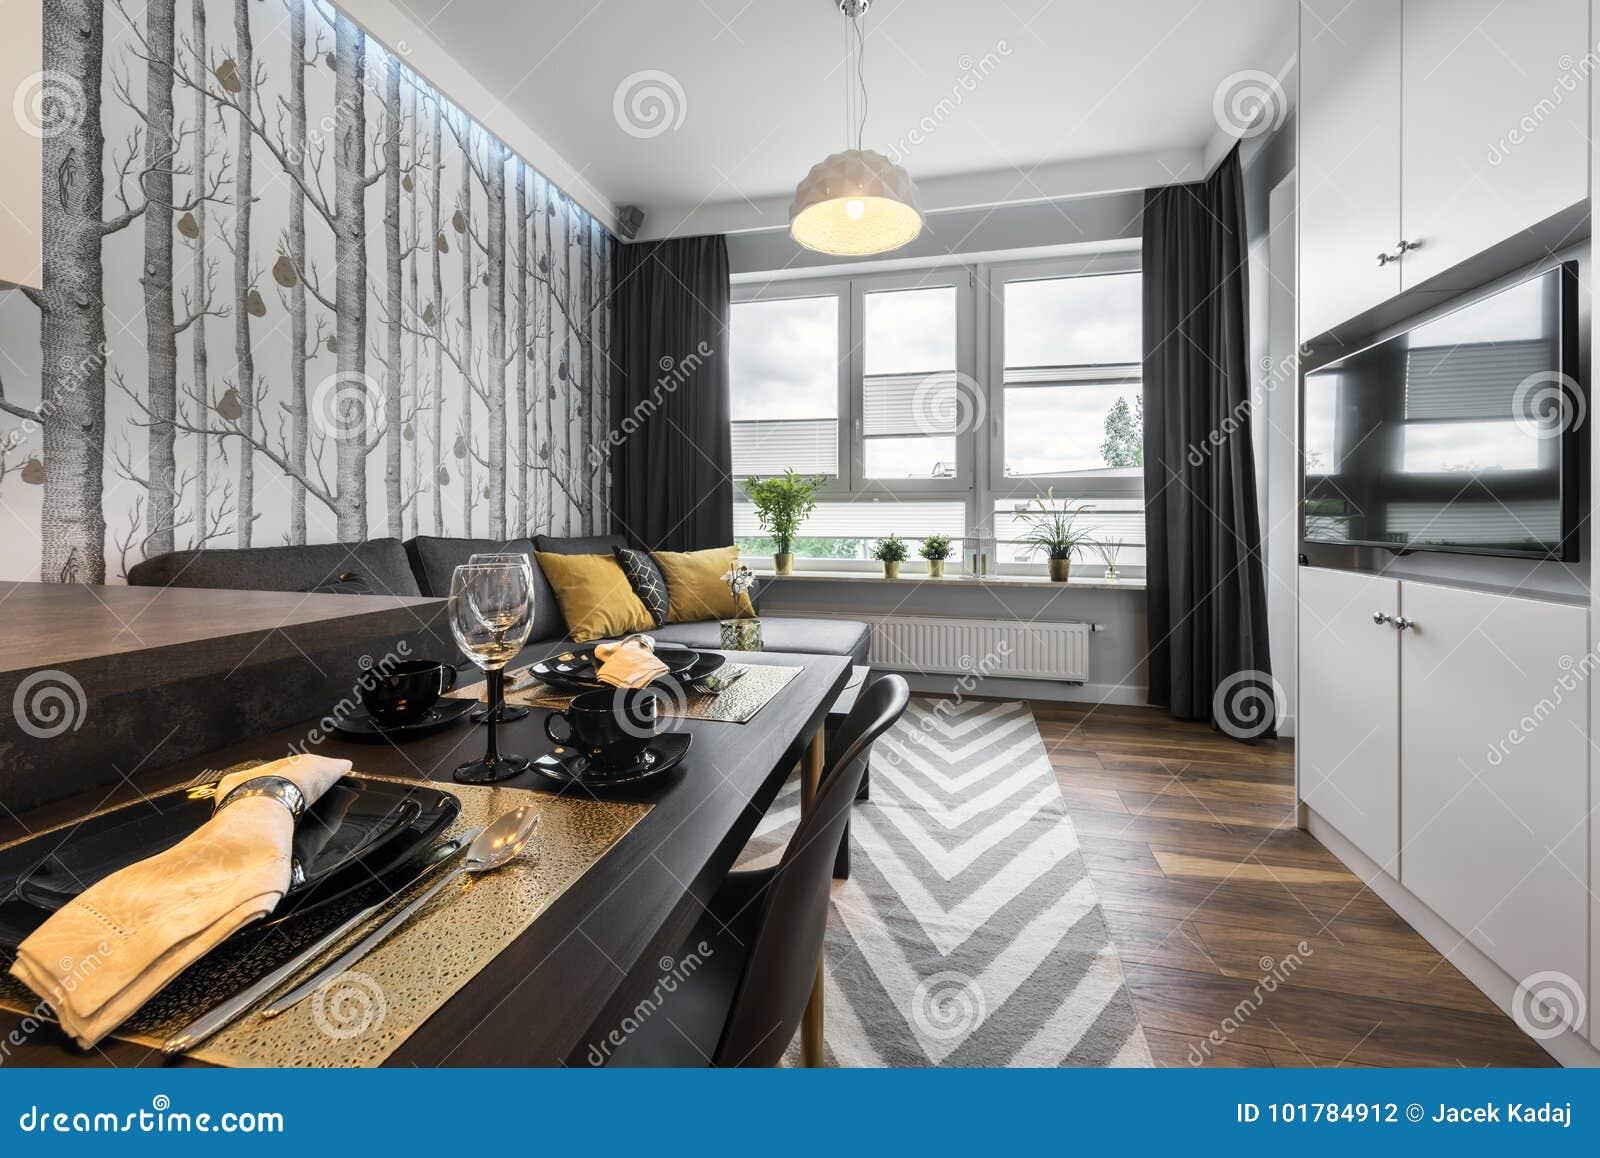 Modernes Kleines Wohnzimmer Der Innenarchitektur Stockfoto - Bild ...